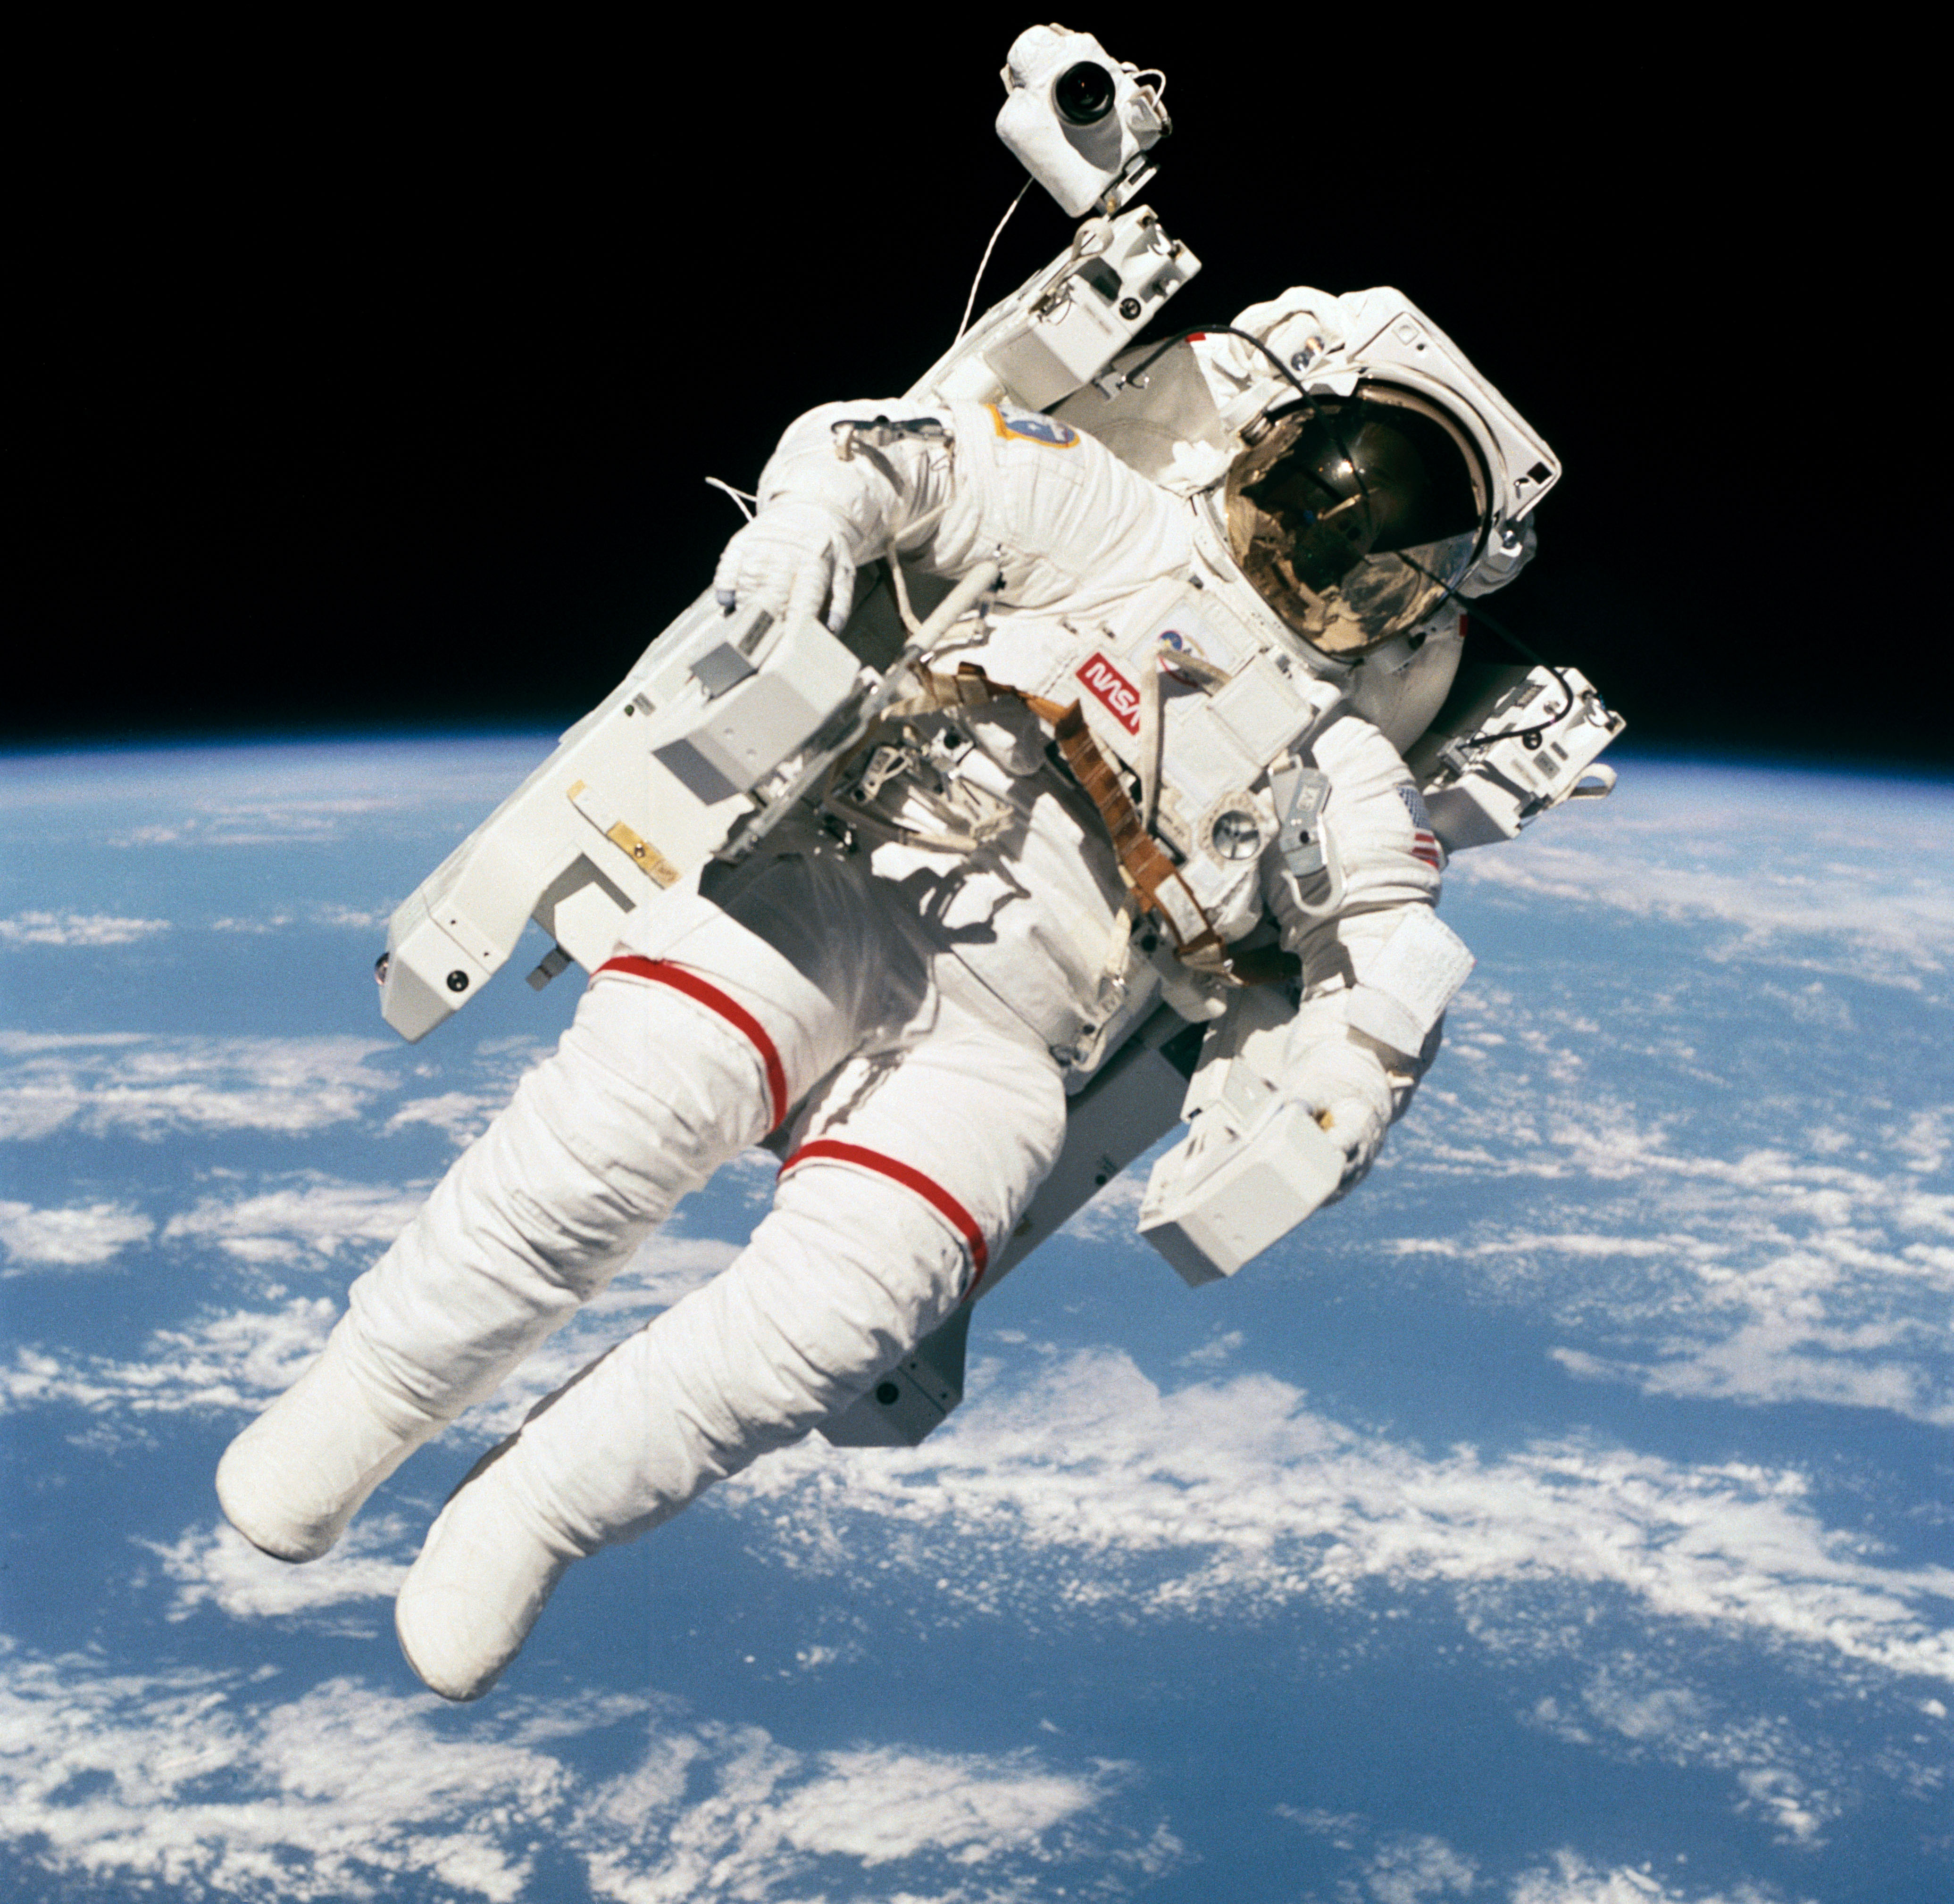 Картинки с космонавтом в космосе